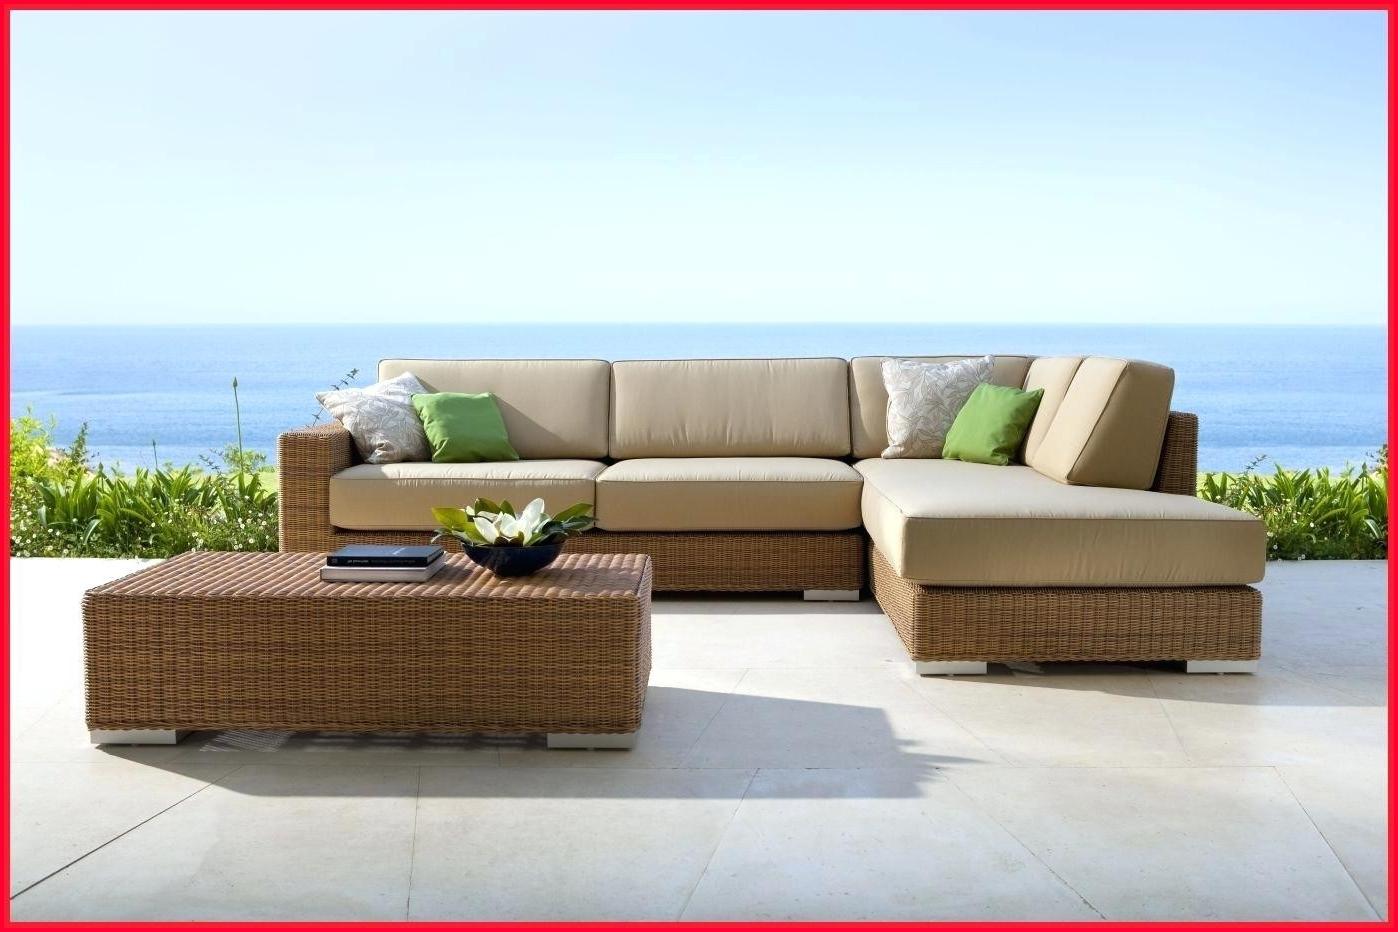 Conjuntos jardin baratos muebles jardin online especial for Sillones usados baratos